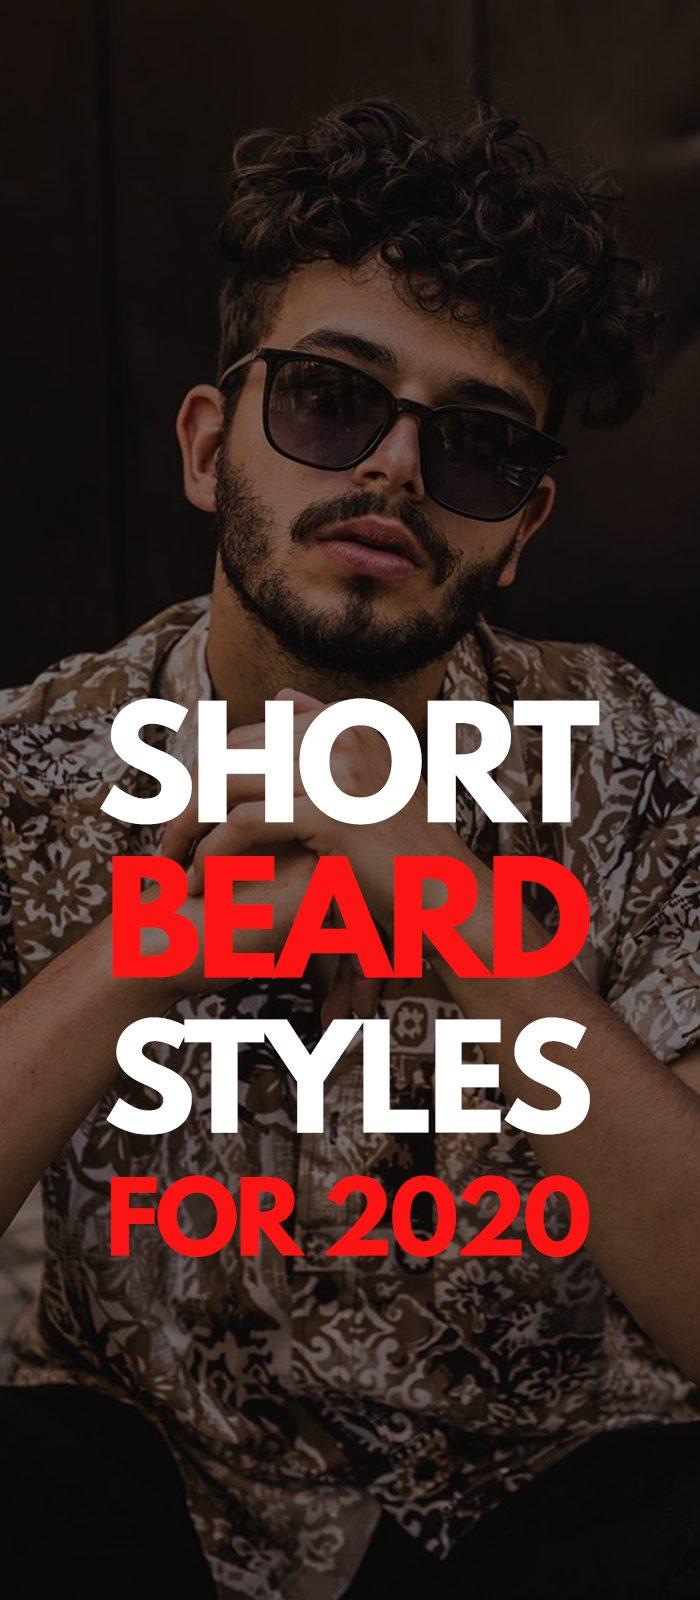 5 Stunning Short Beard Styles for Men in 2020